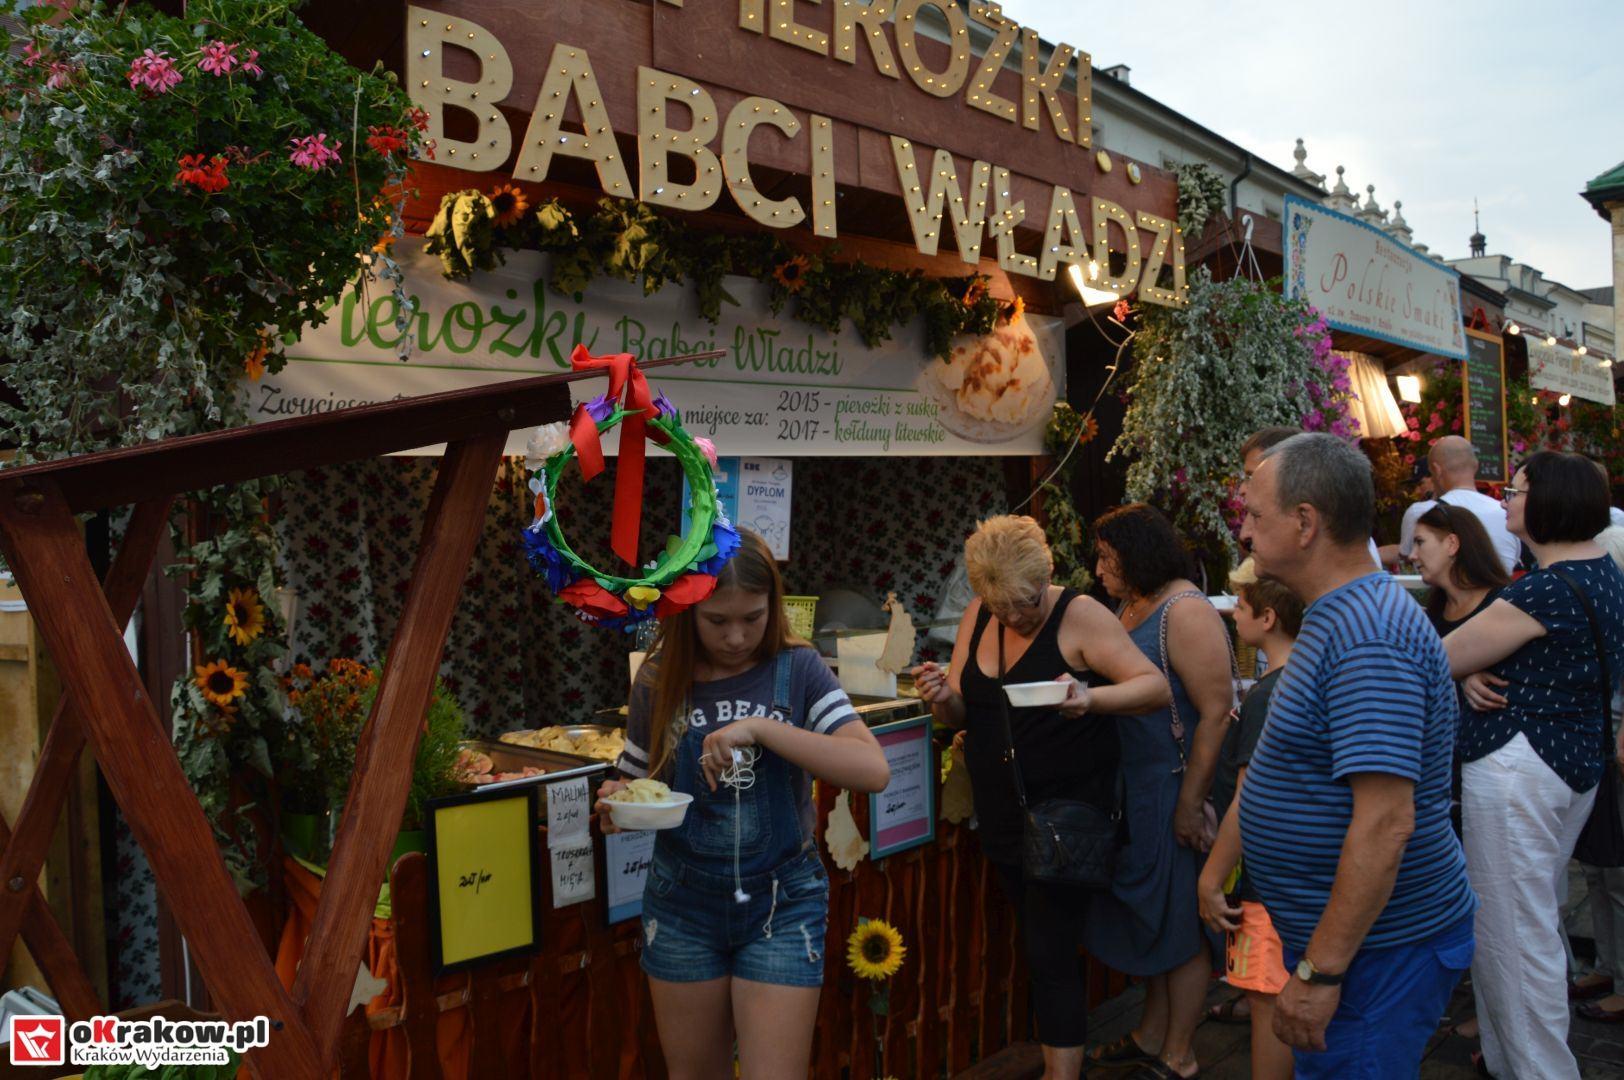 krakow festiwal pierogow maly rynek koncert cheap tobacco 24 150x150 - Galeria zdjęć Festiwal Pierogów Kraków 2018 + zdjęcia z koncertu Cheap Tobacco